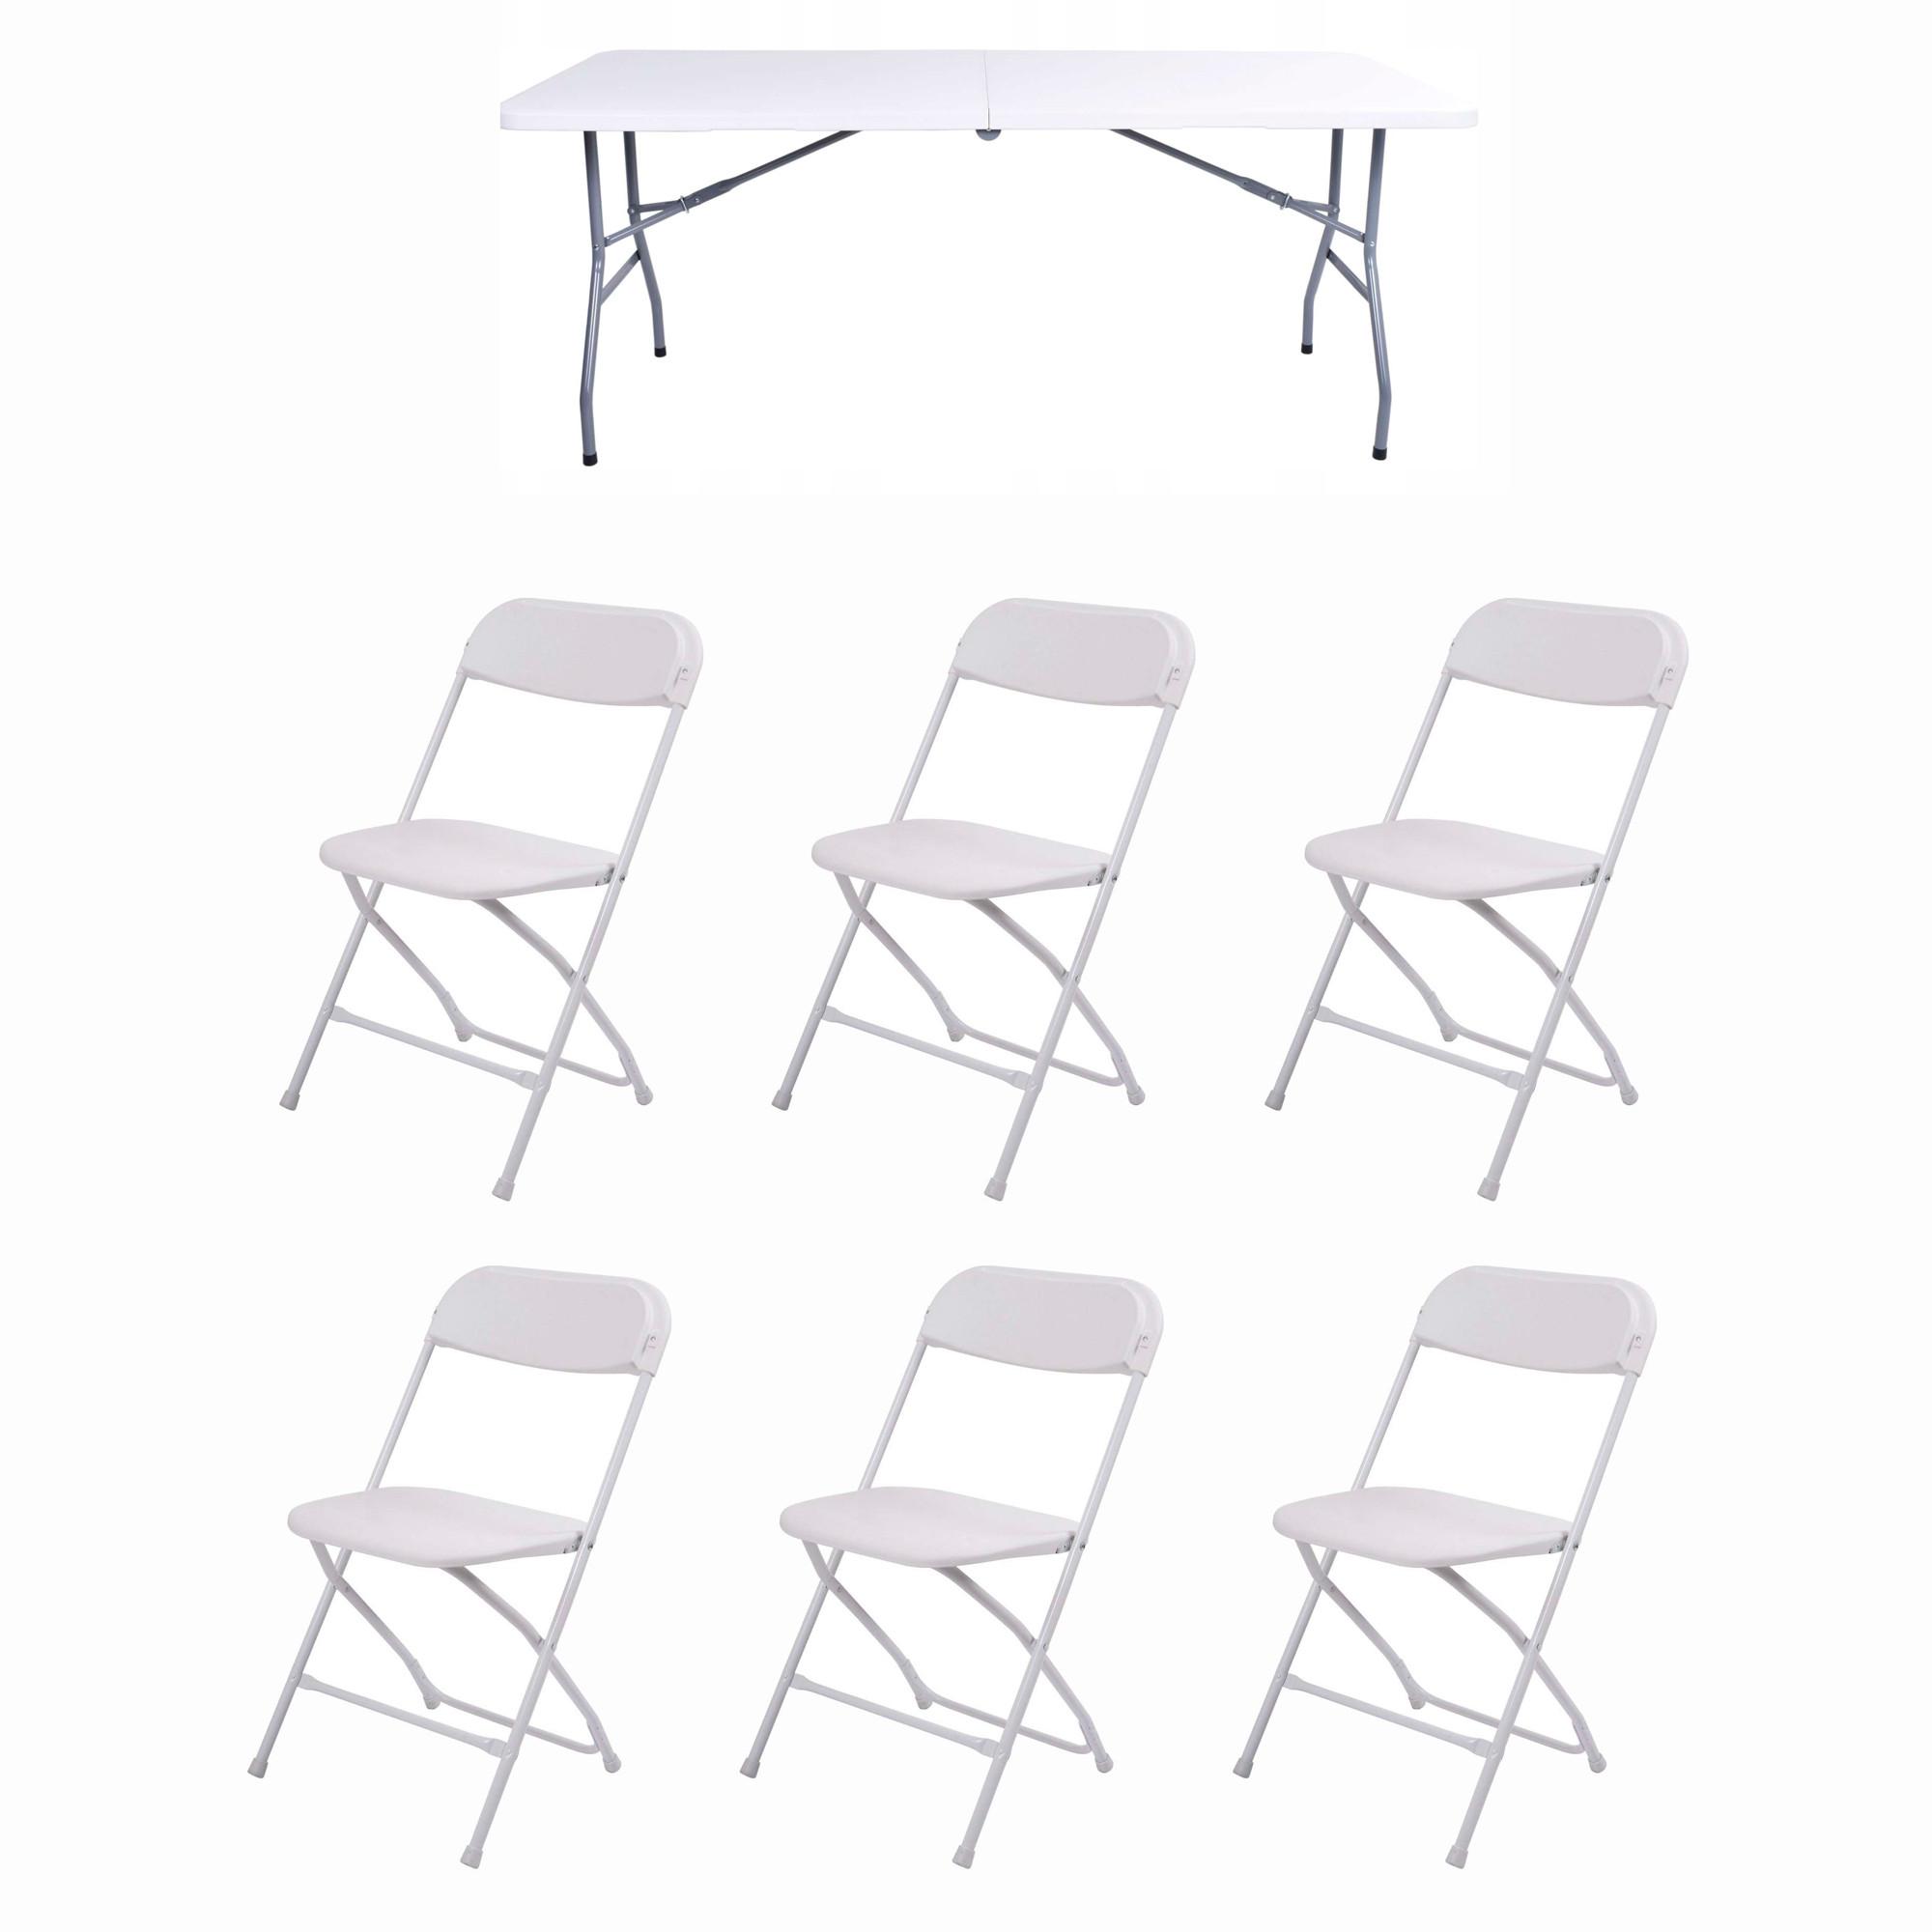 Набор складной мебели для дома, конференций, пикника CarryOn Etna 1.8 м белый (стол + 6 стульев)